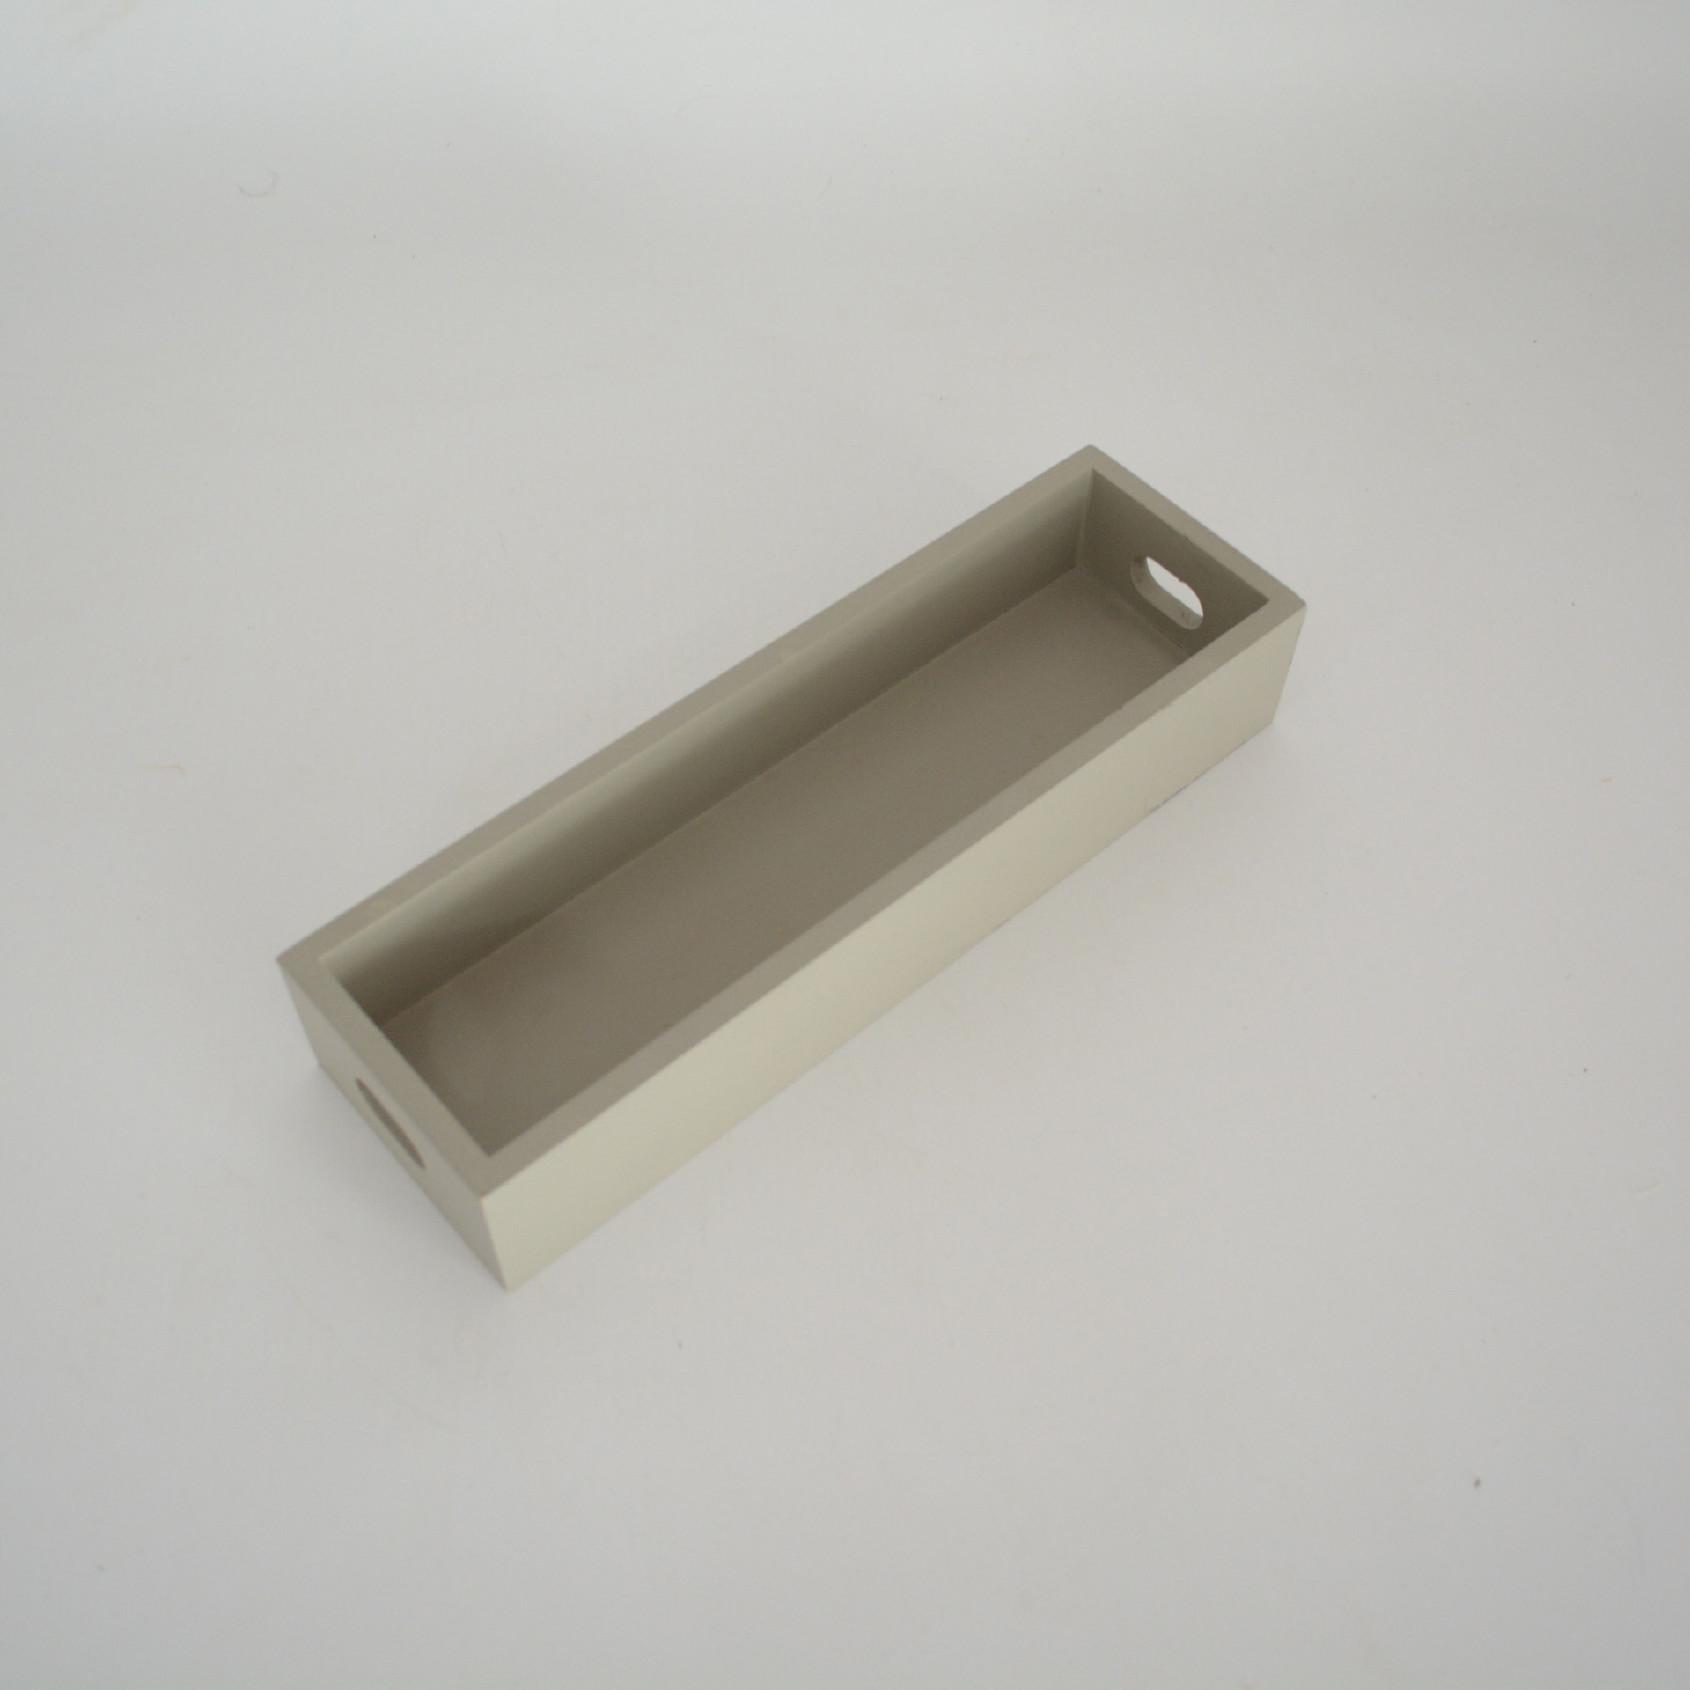 创意定做木制大小套装木制收纳盒 精油首饰盒 Zakka杂货木盒